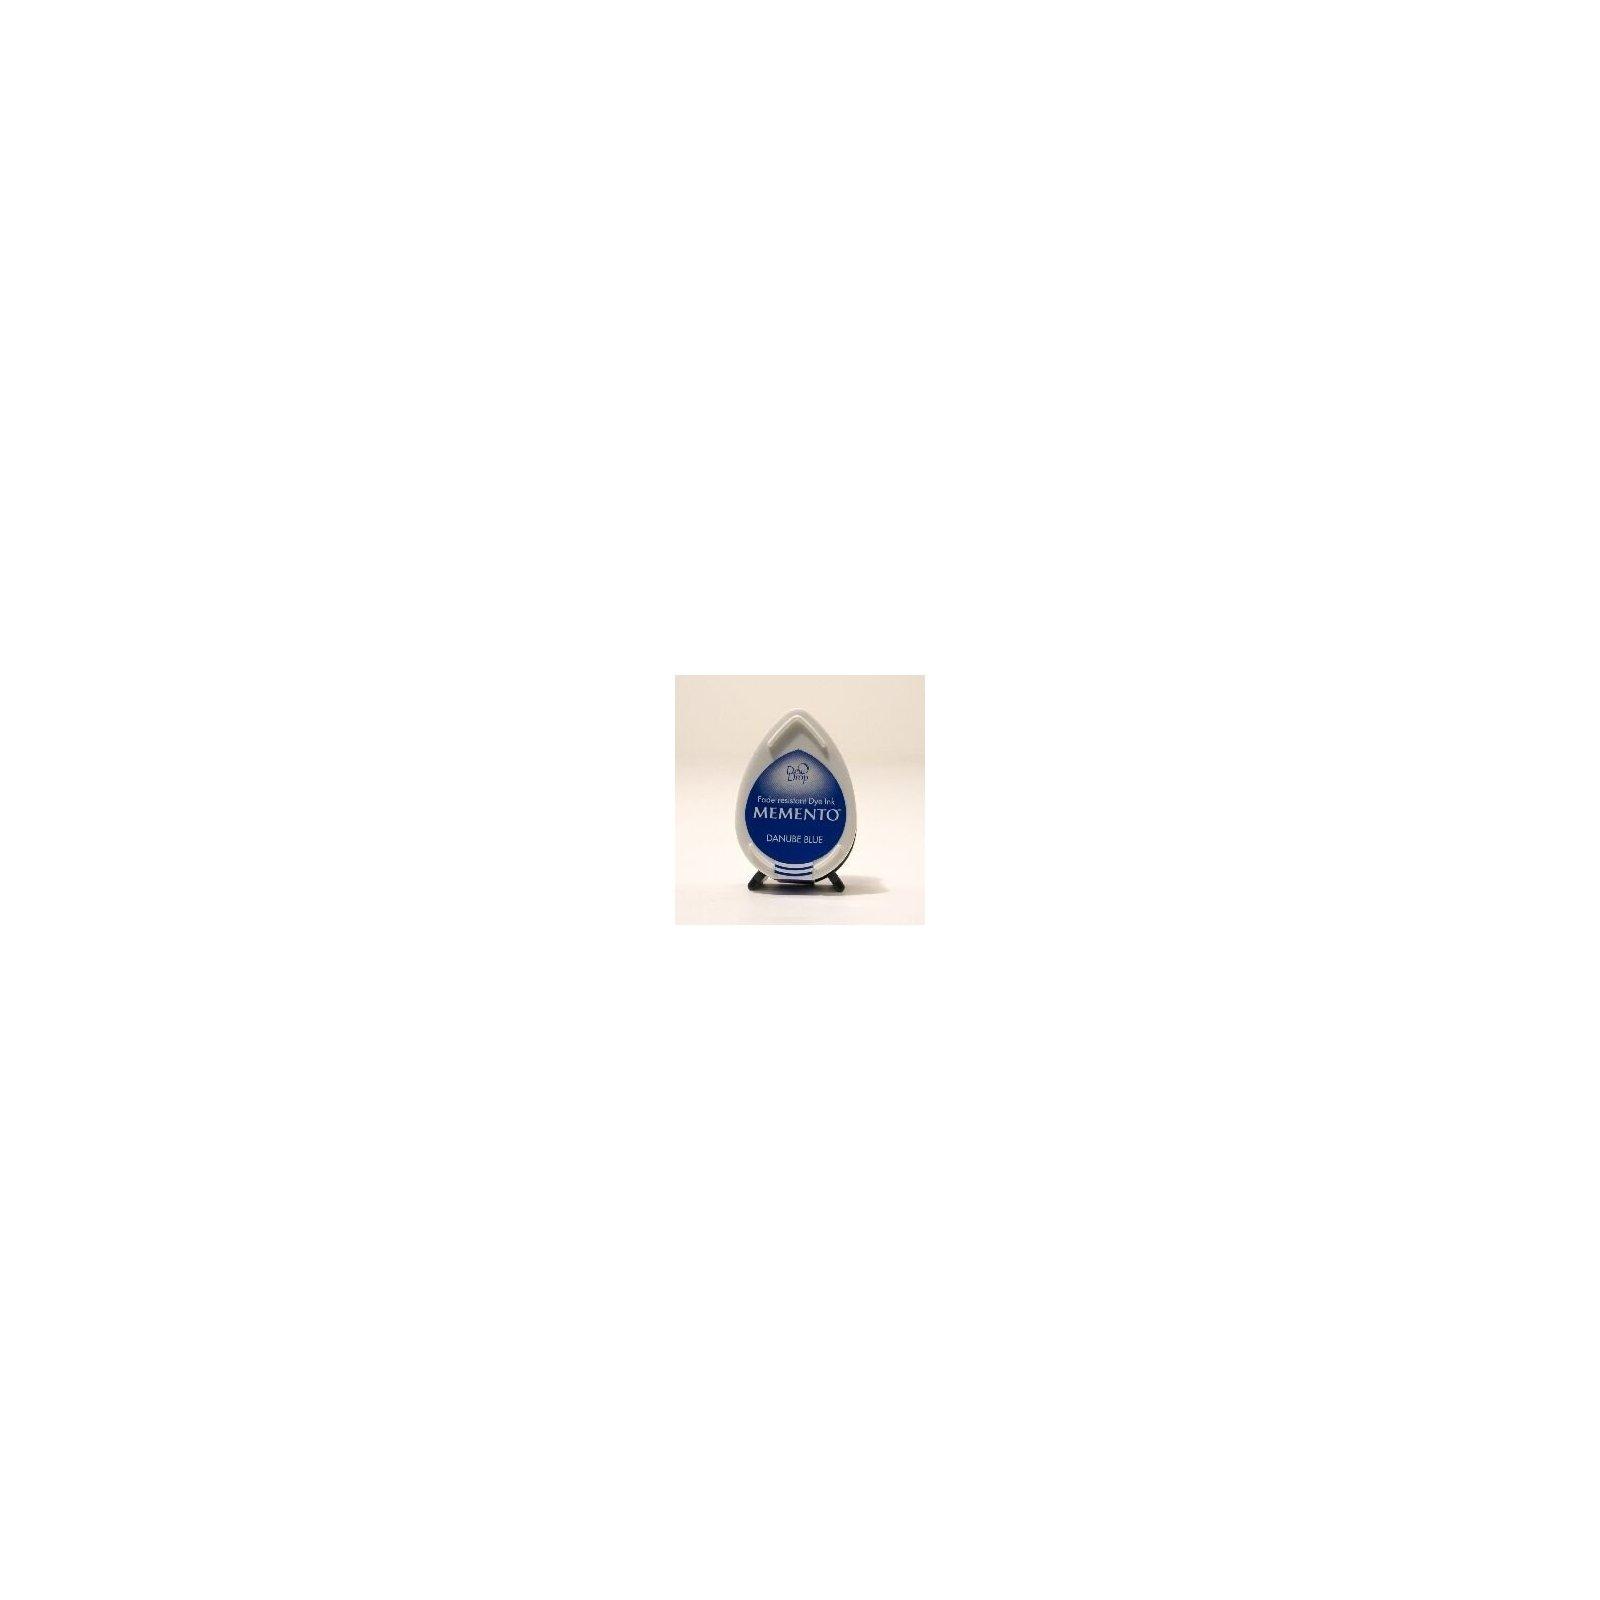 Mini encreur bleu Memento Dew Drop - Danube Blue - Tsukineko